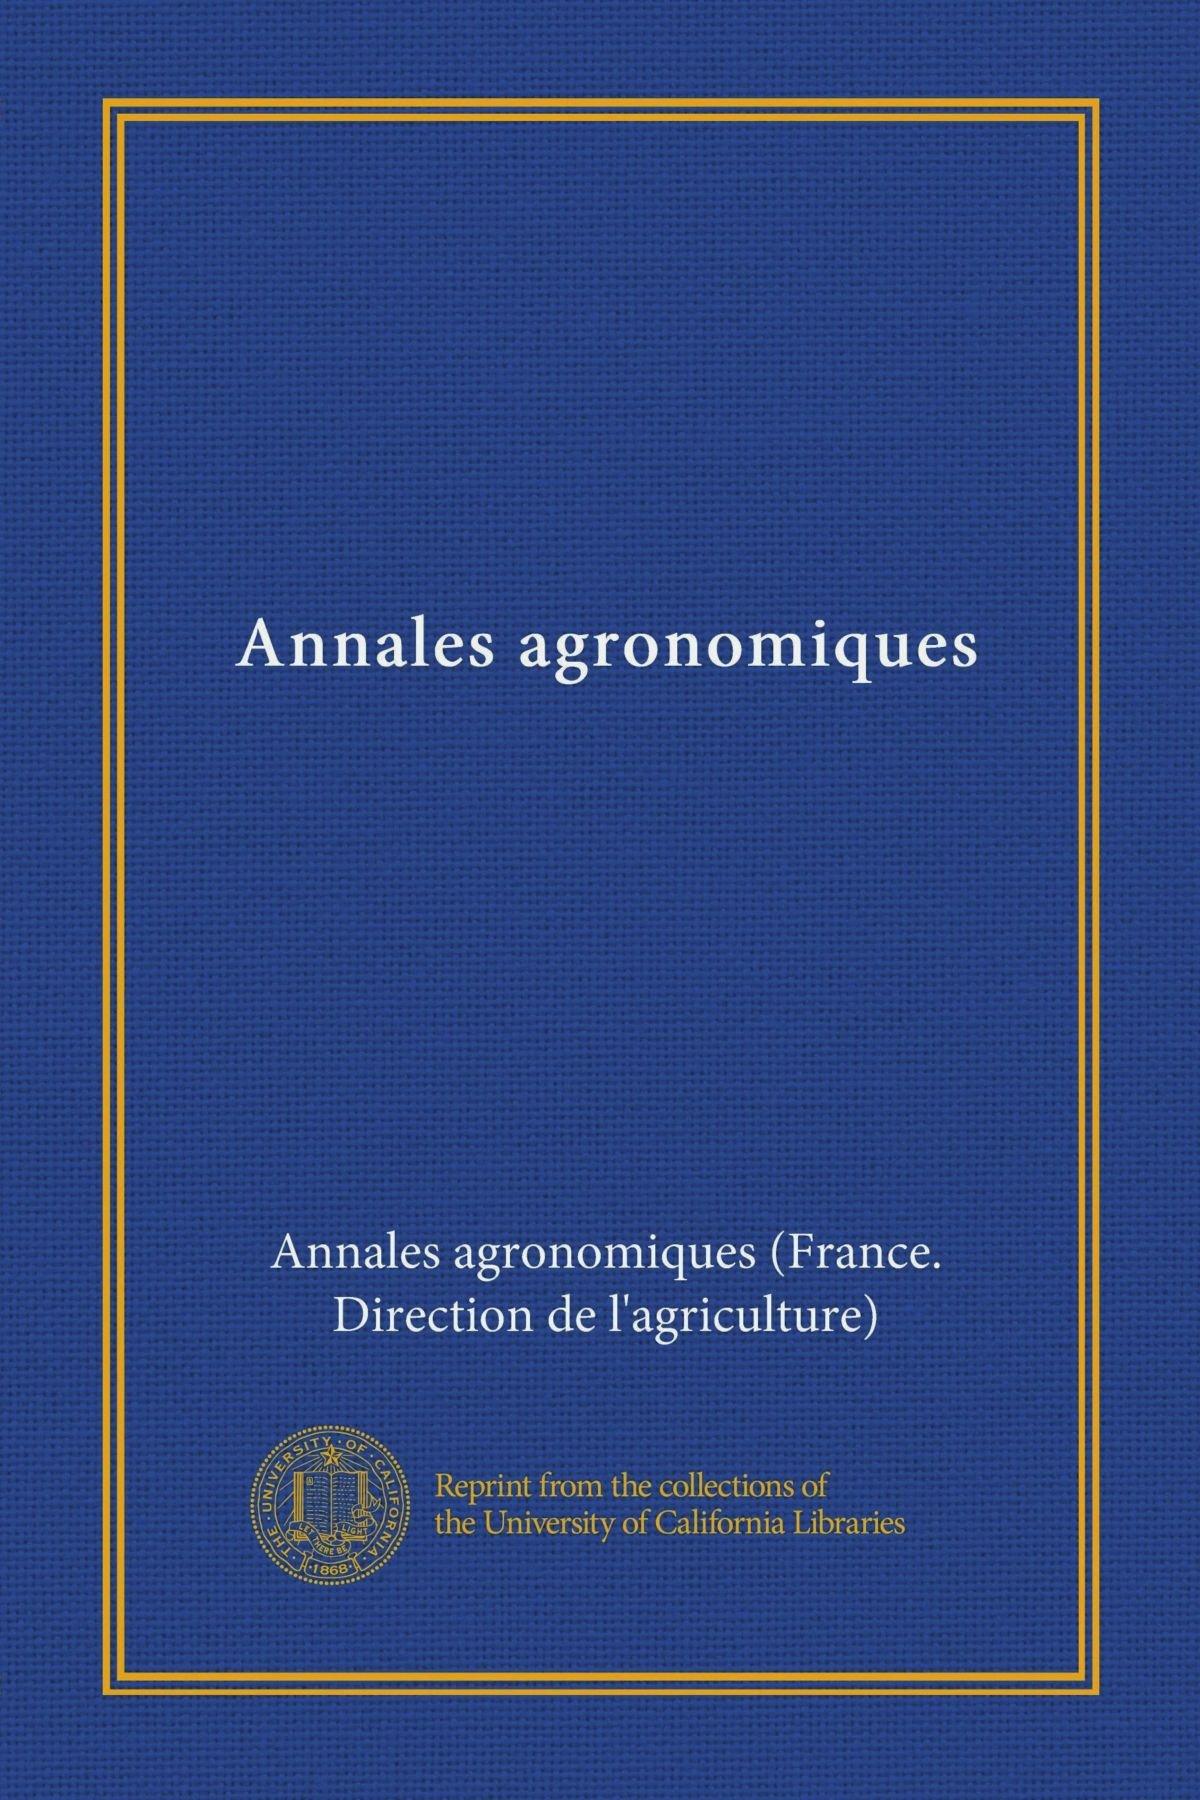 Annales agronomiques (ser.2 v.20) (French Edition) pdf epub